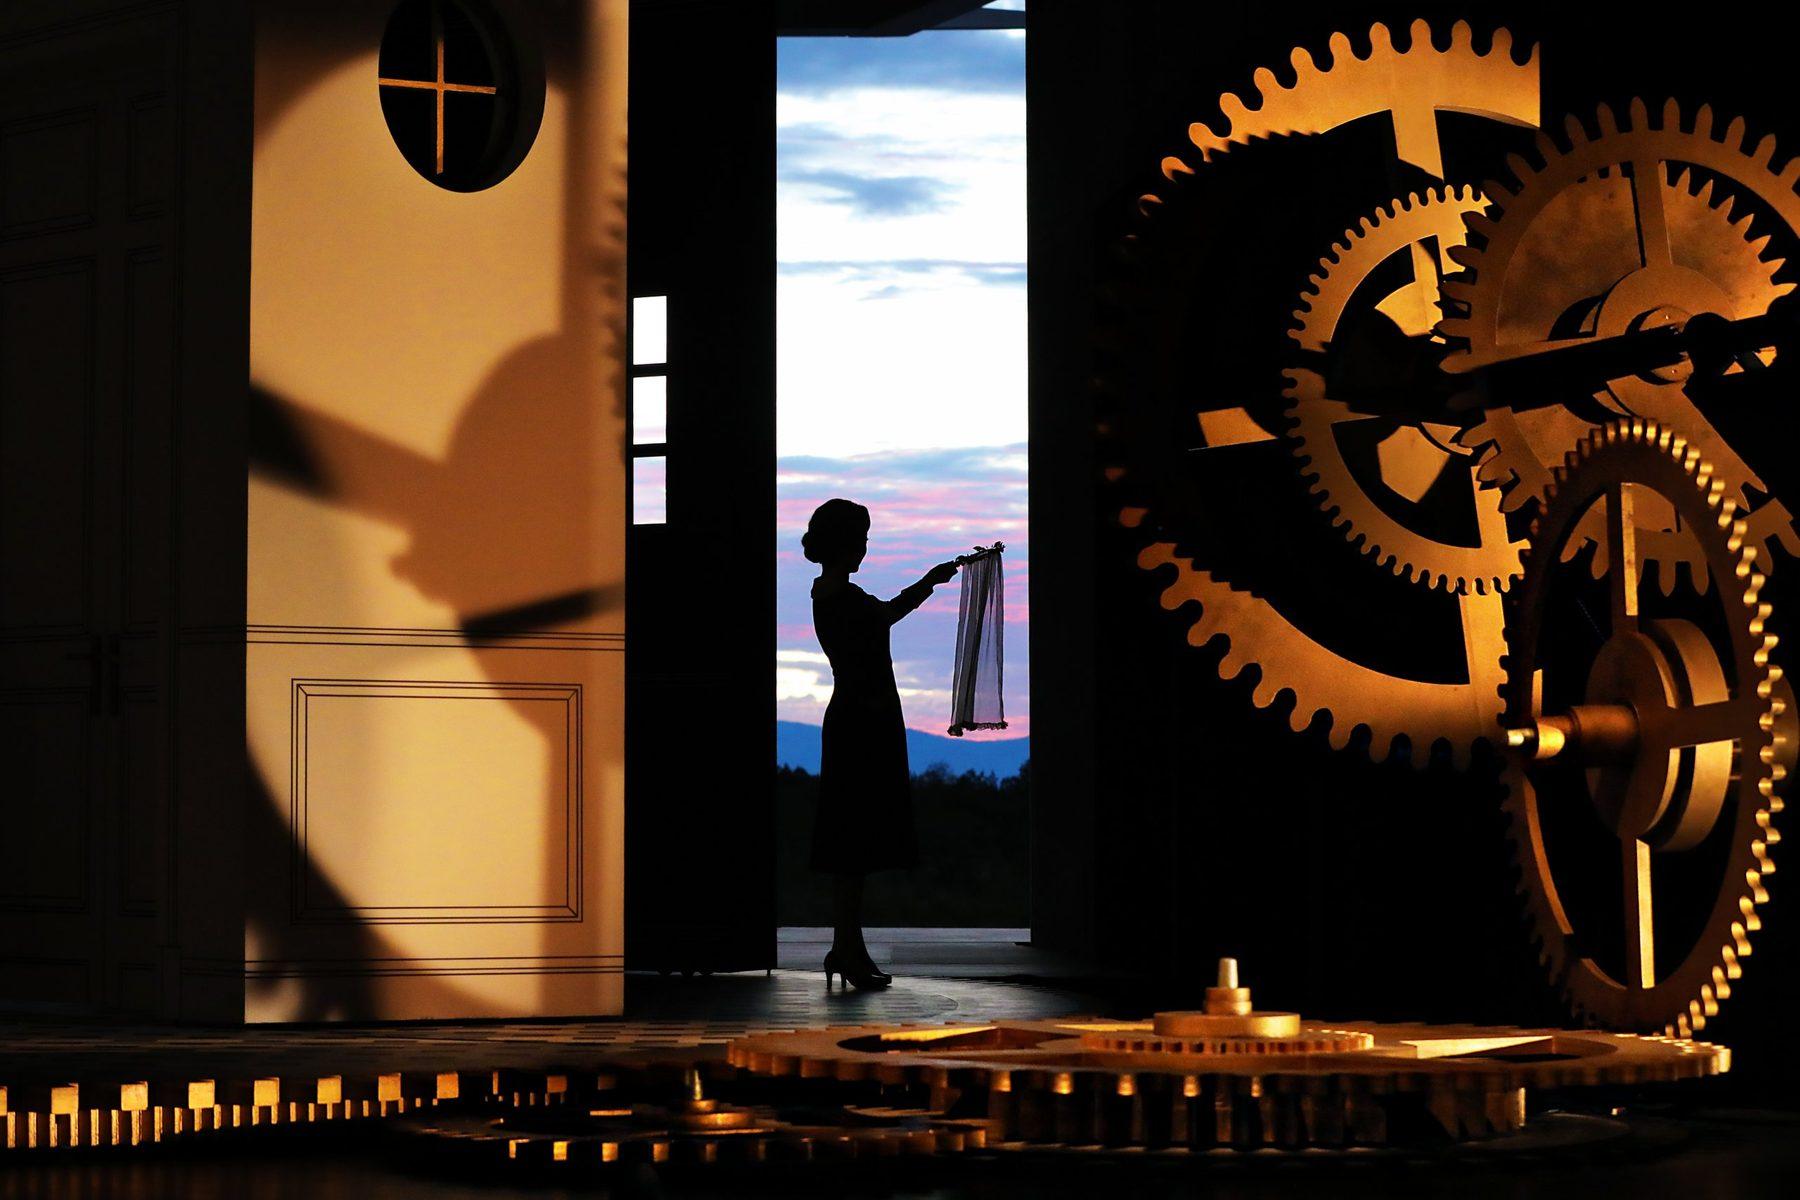 Ying Fang (Susanna). Photo Credit: Curtis Brown For The Santa Fe Opera, 2021